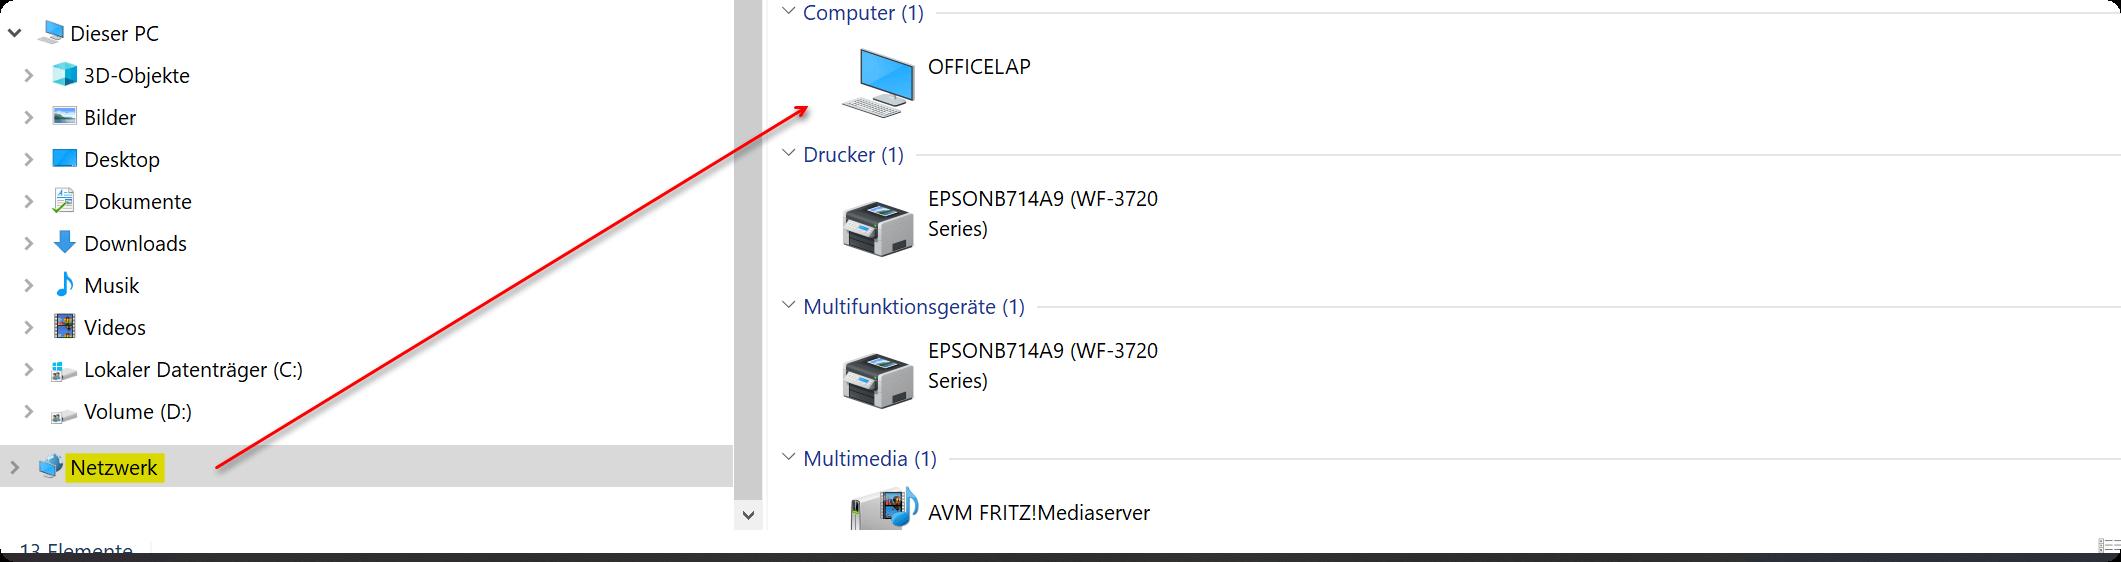 Netzwerkcomputer Windows 10